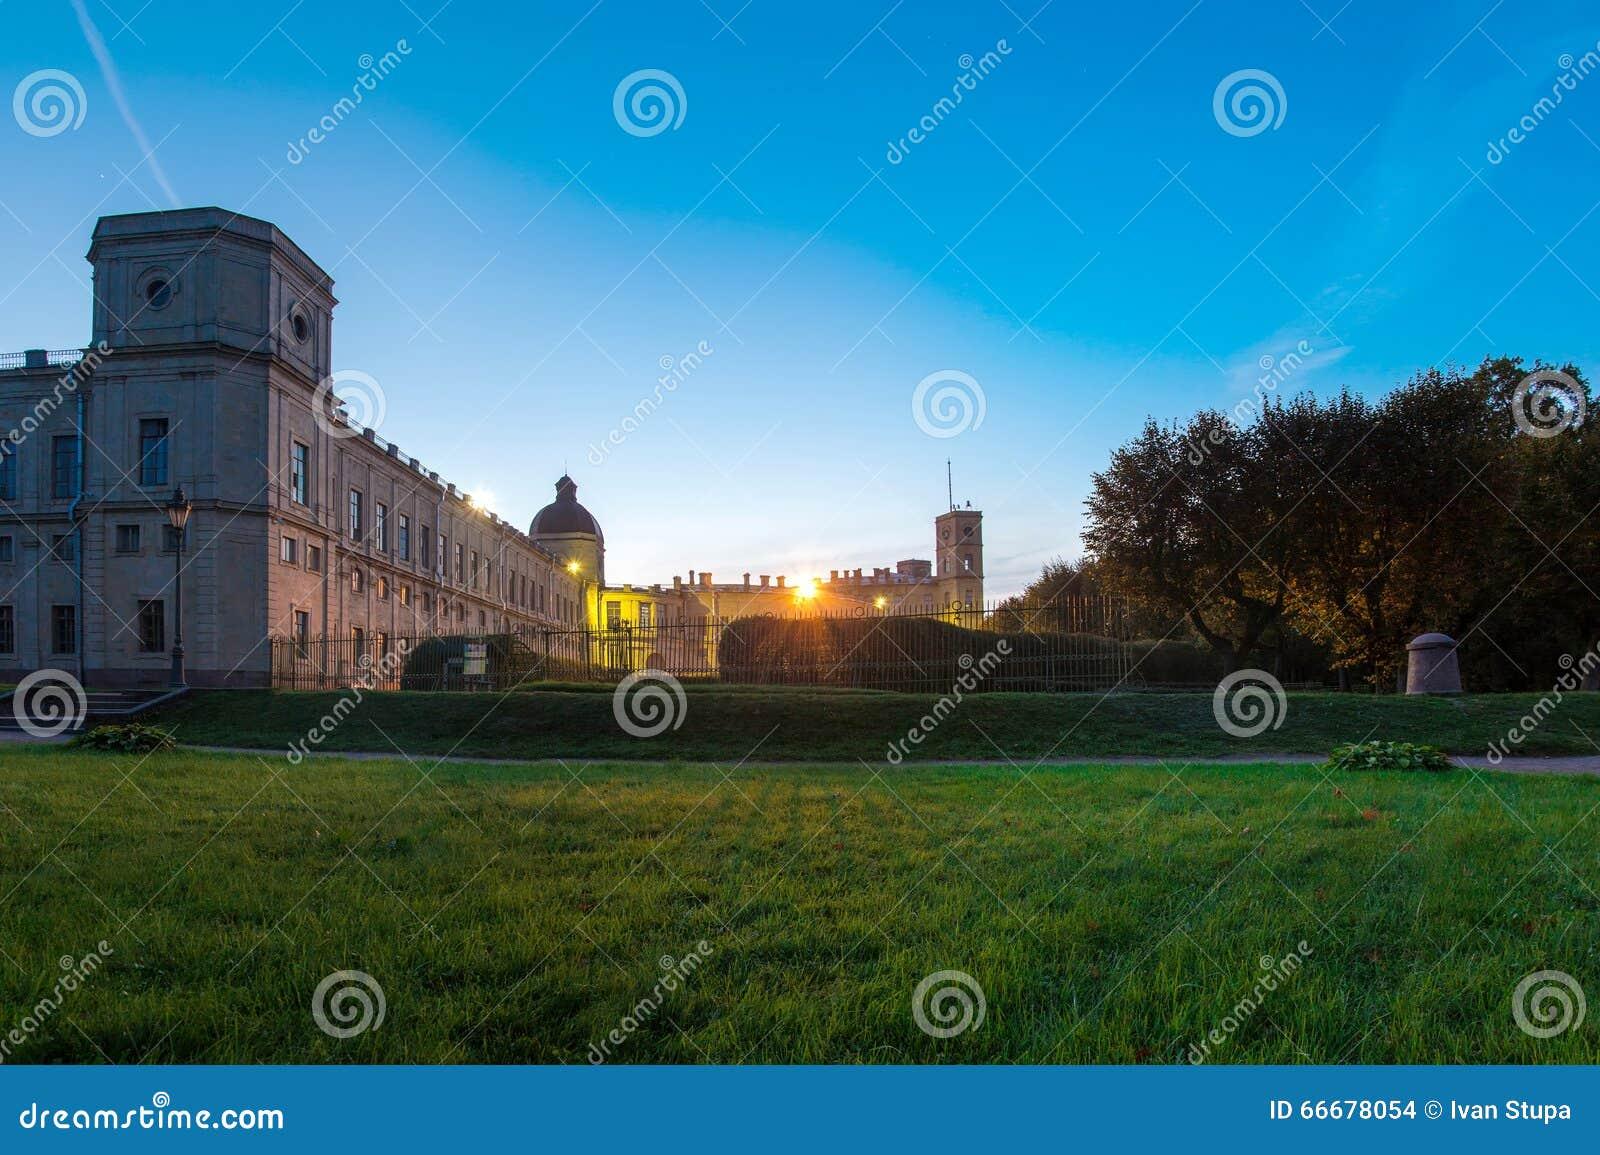 September 12, 2014, Gatchina, Ryssland, den stora Gatchina slotten, natt